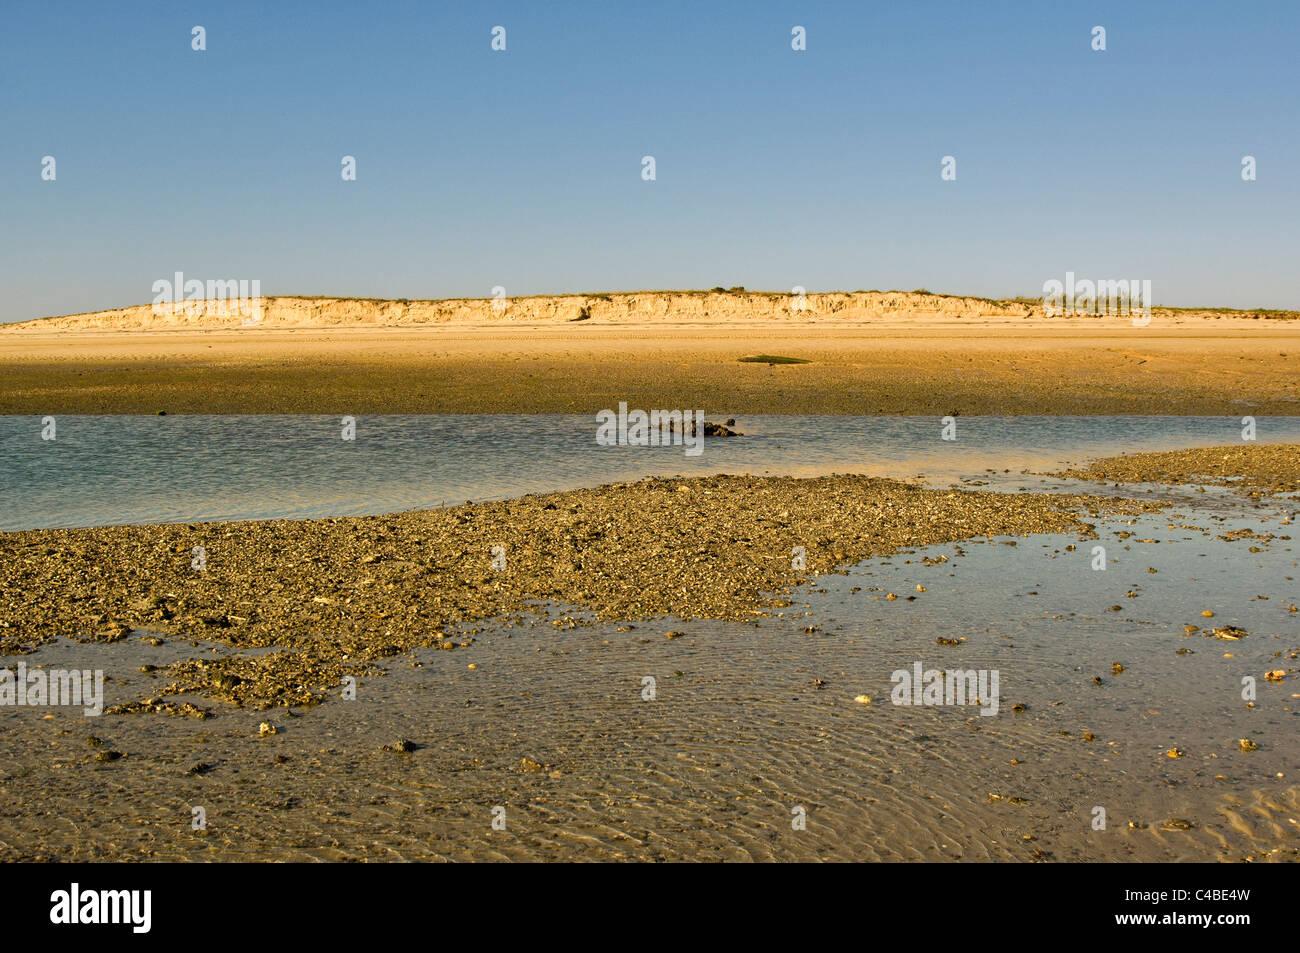 The Ria Formosa near Faro, Algarve, Portugal - Stock Image